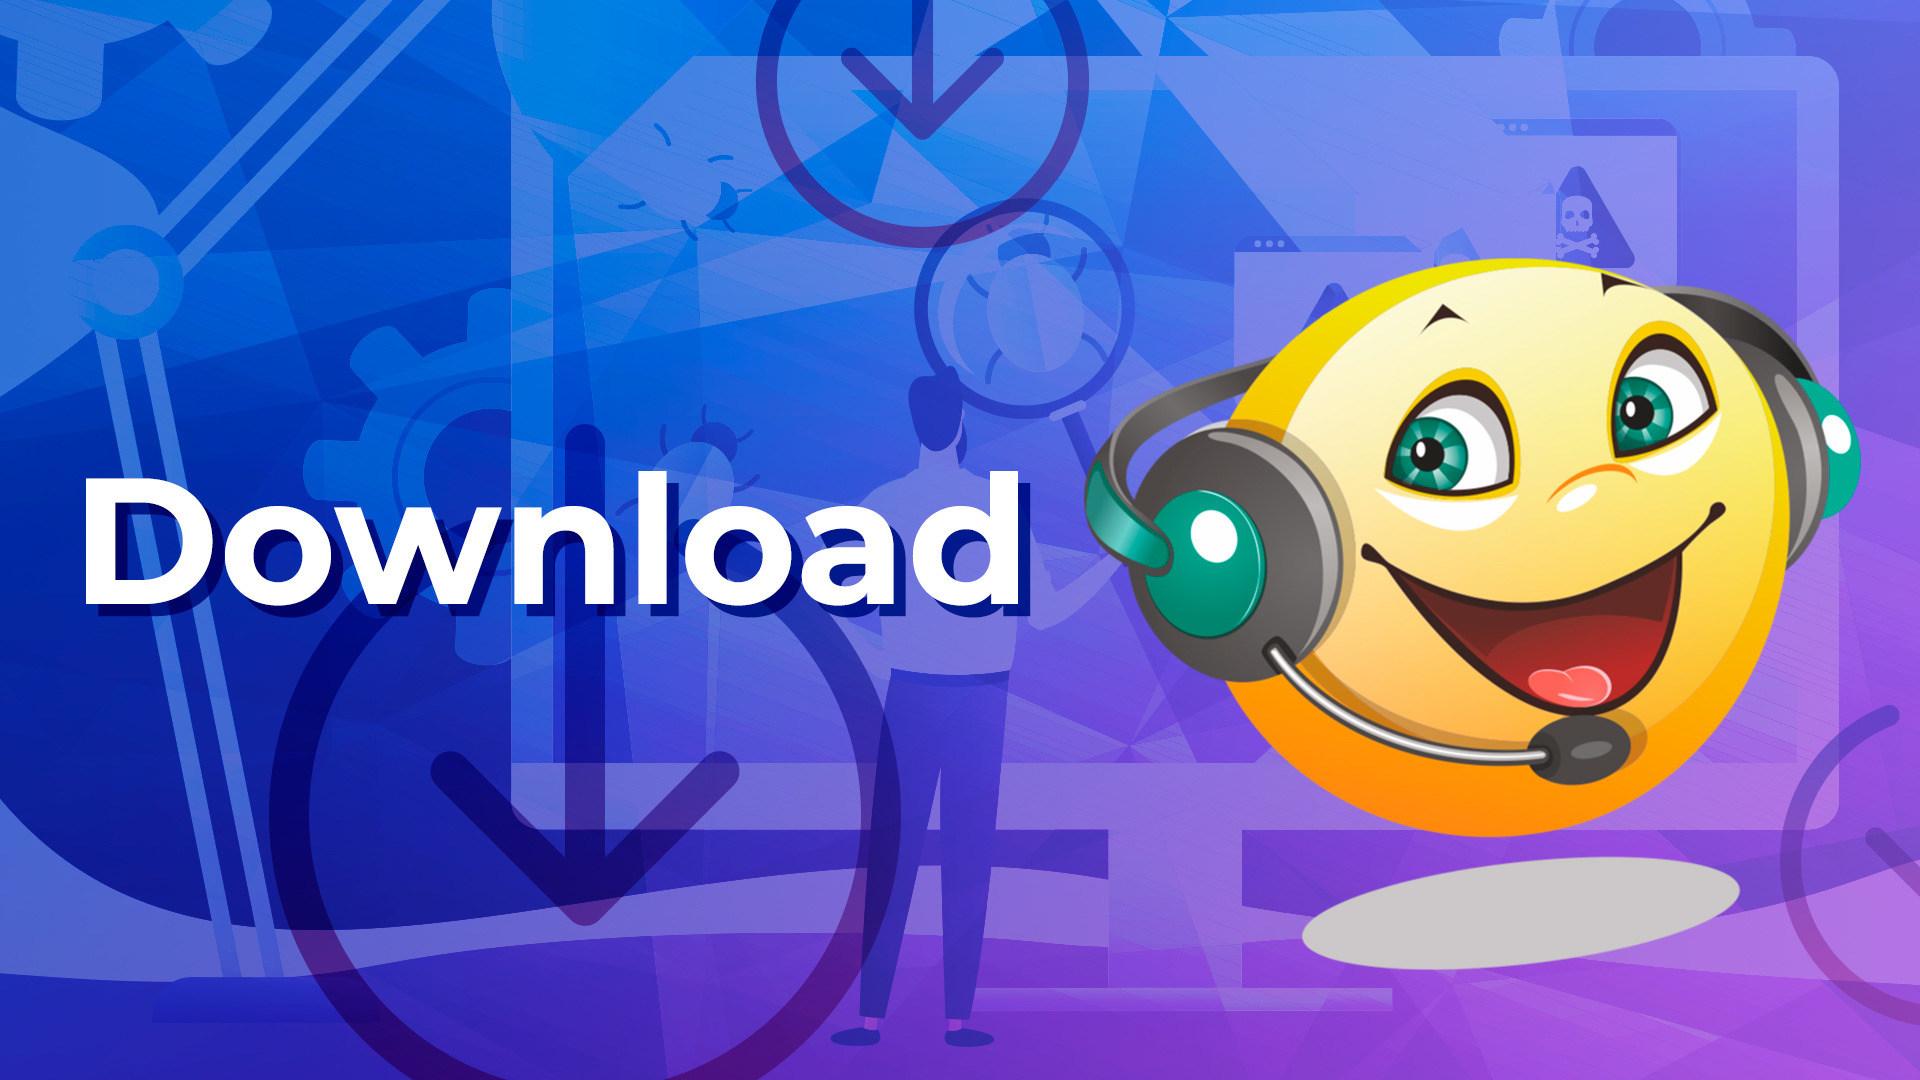 Download, TTS, Text-to-Speech, Balabolka